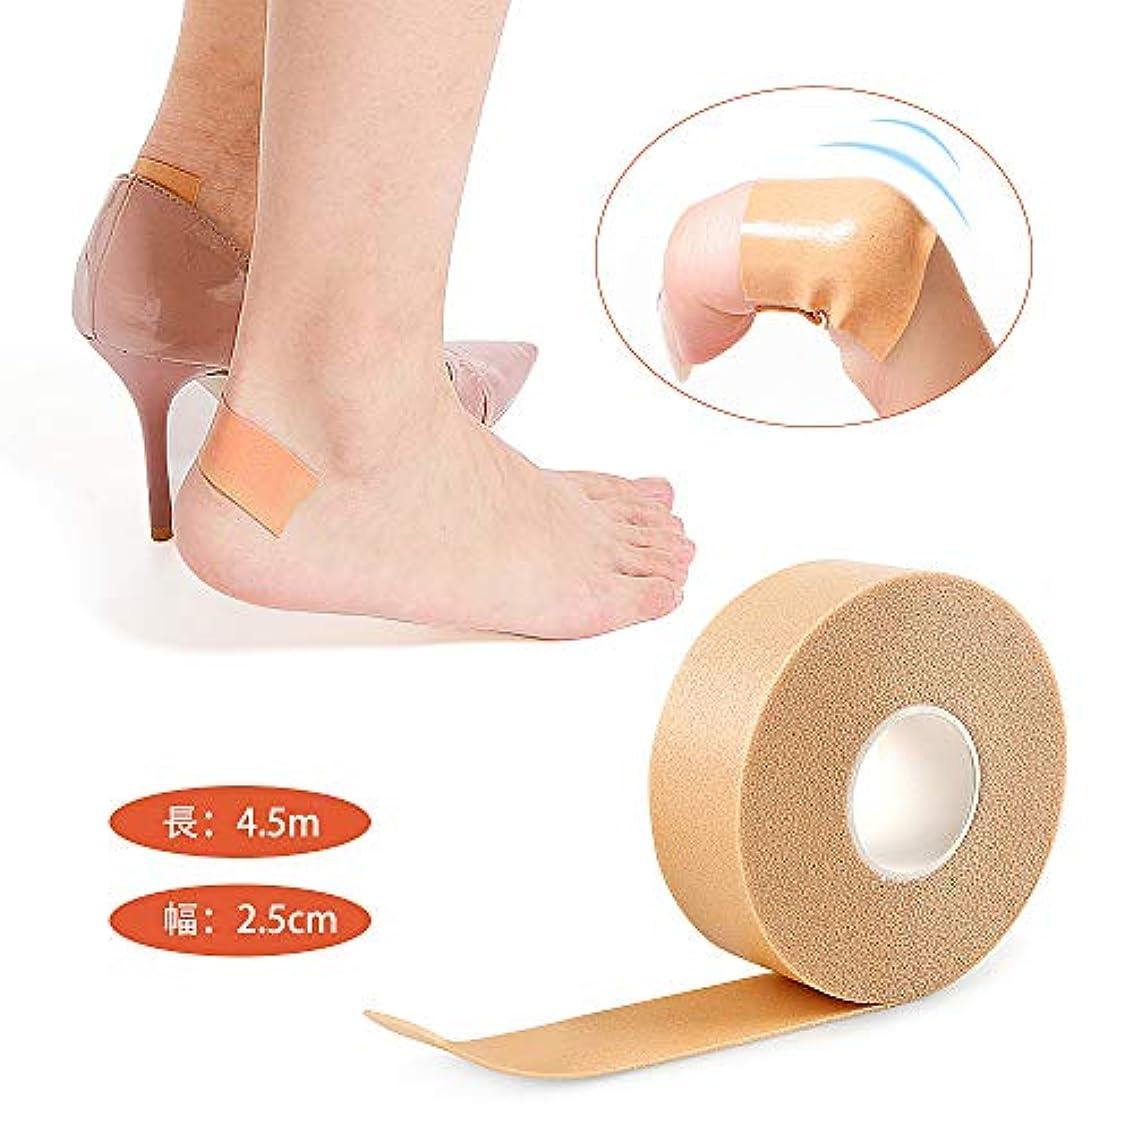 曲黒くする扇動するAzue 靴擦れ防止パッド かかとパッド 靴ずれ予防テープ テープ 防水素材 粘着 幅2.5cm×長4.5m 保護テープ 足用保護パッド 男女兼用